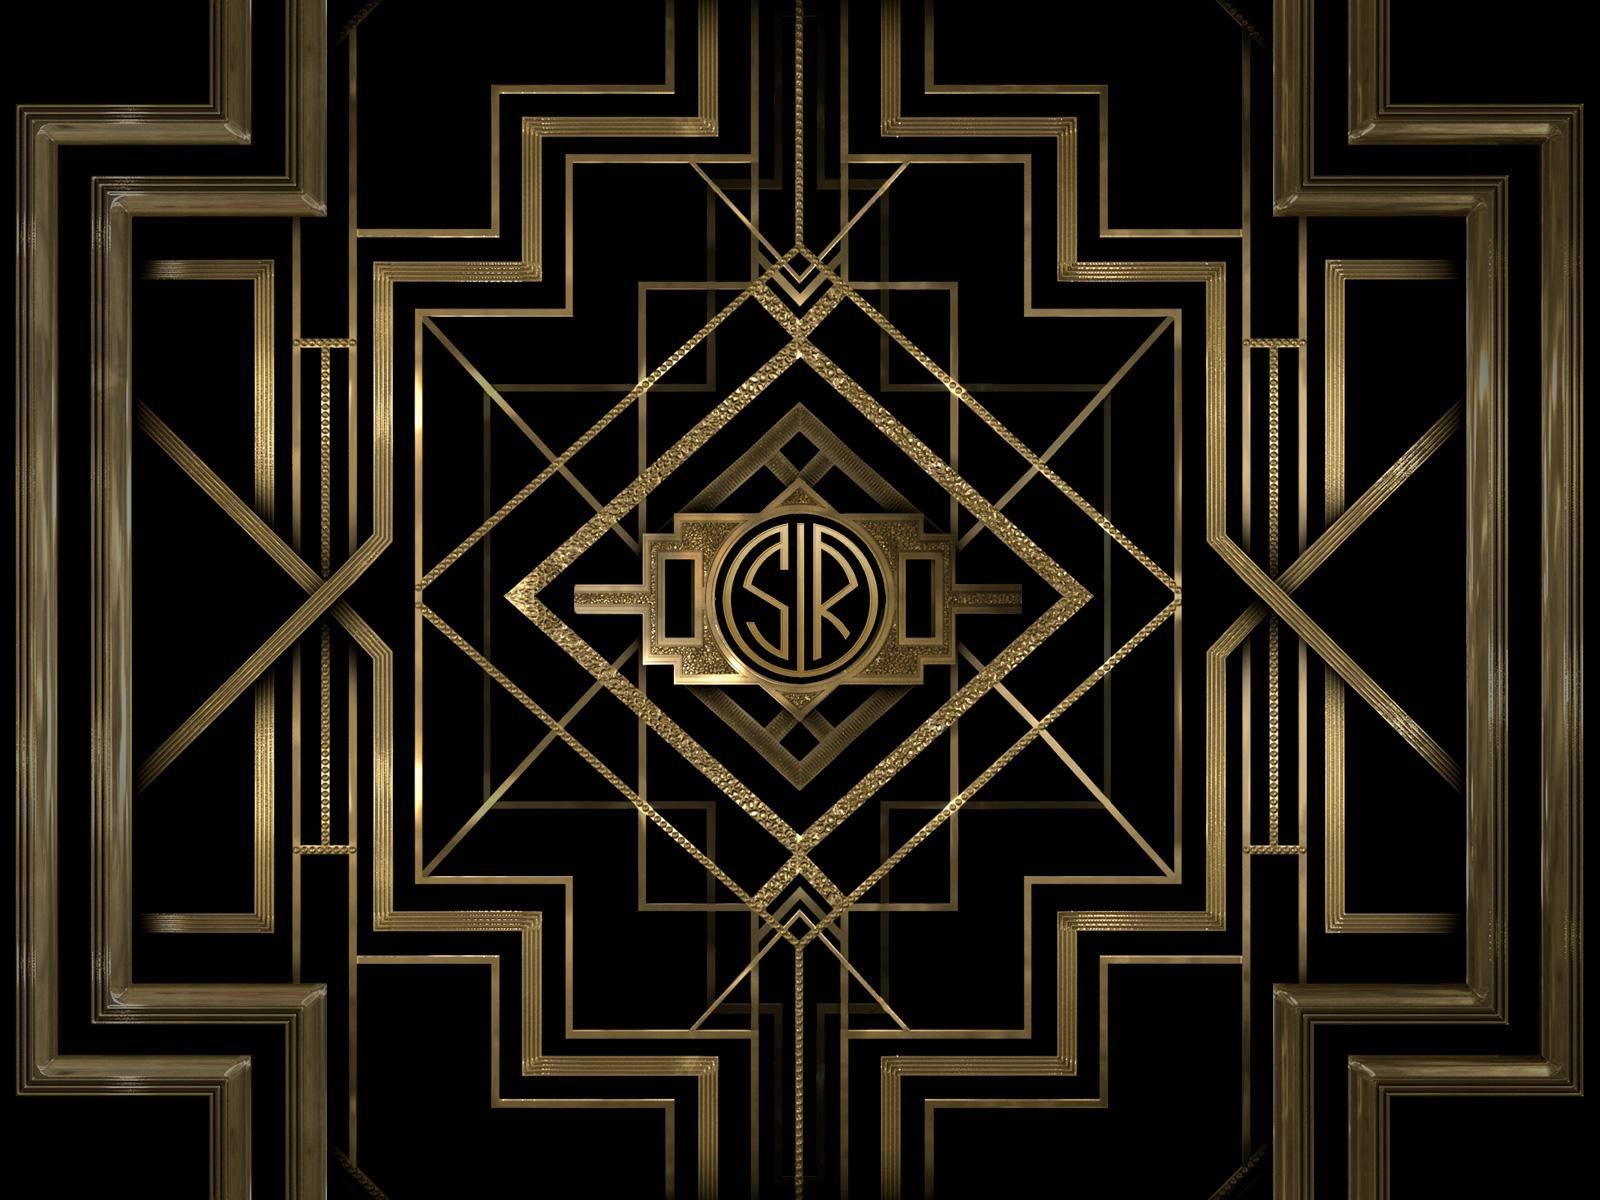 Sr Deco Desktop Wallpaper Art Deco Wallpaper Art Deco Pattern Art Deco